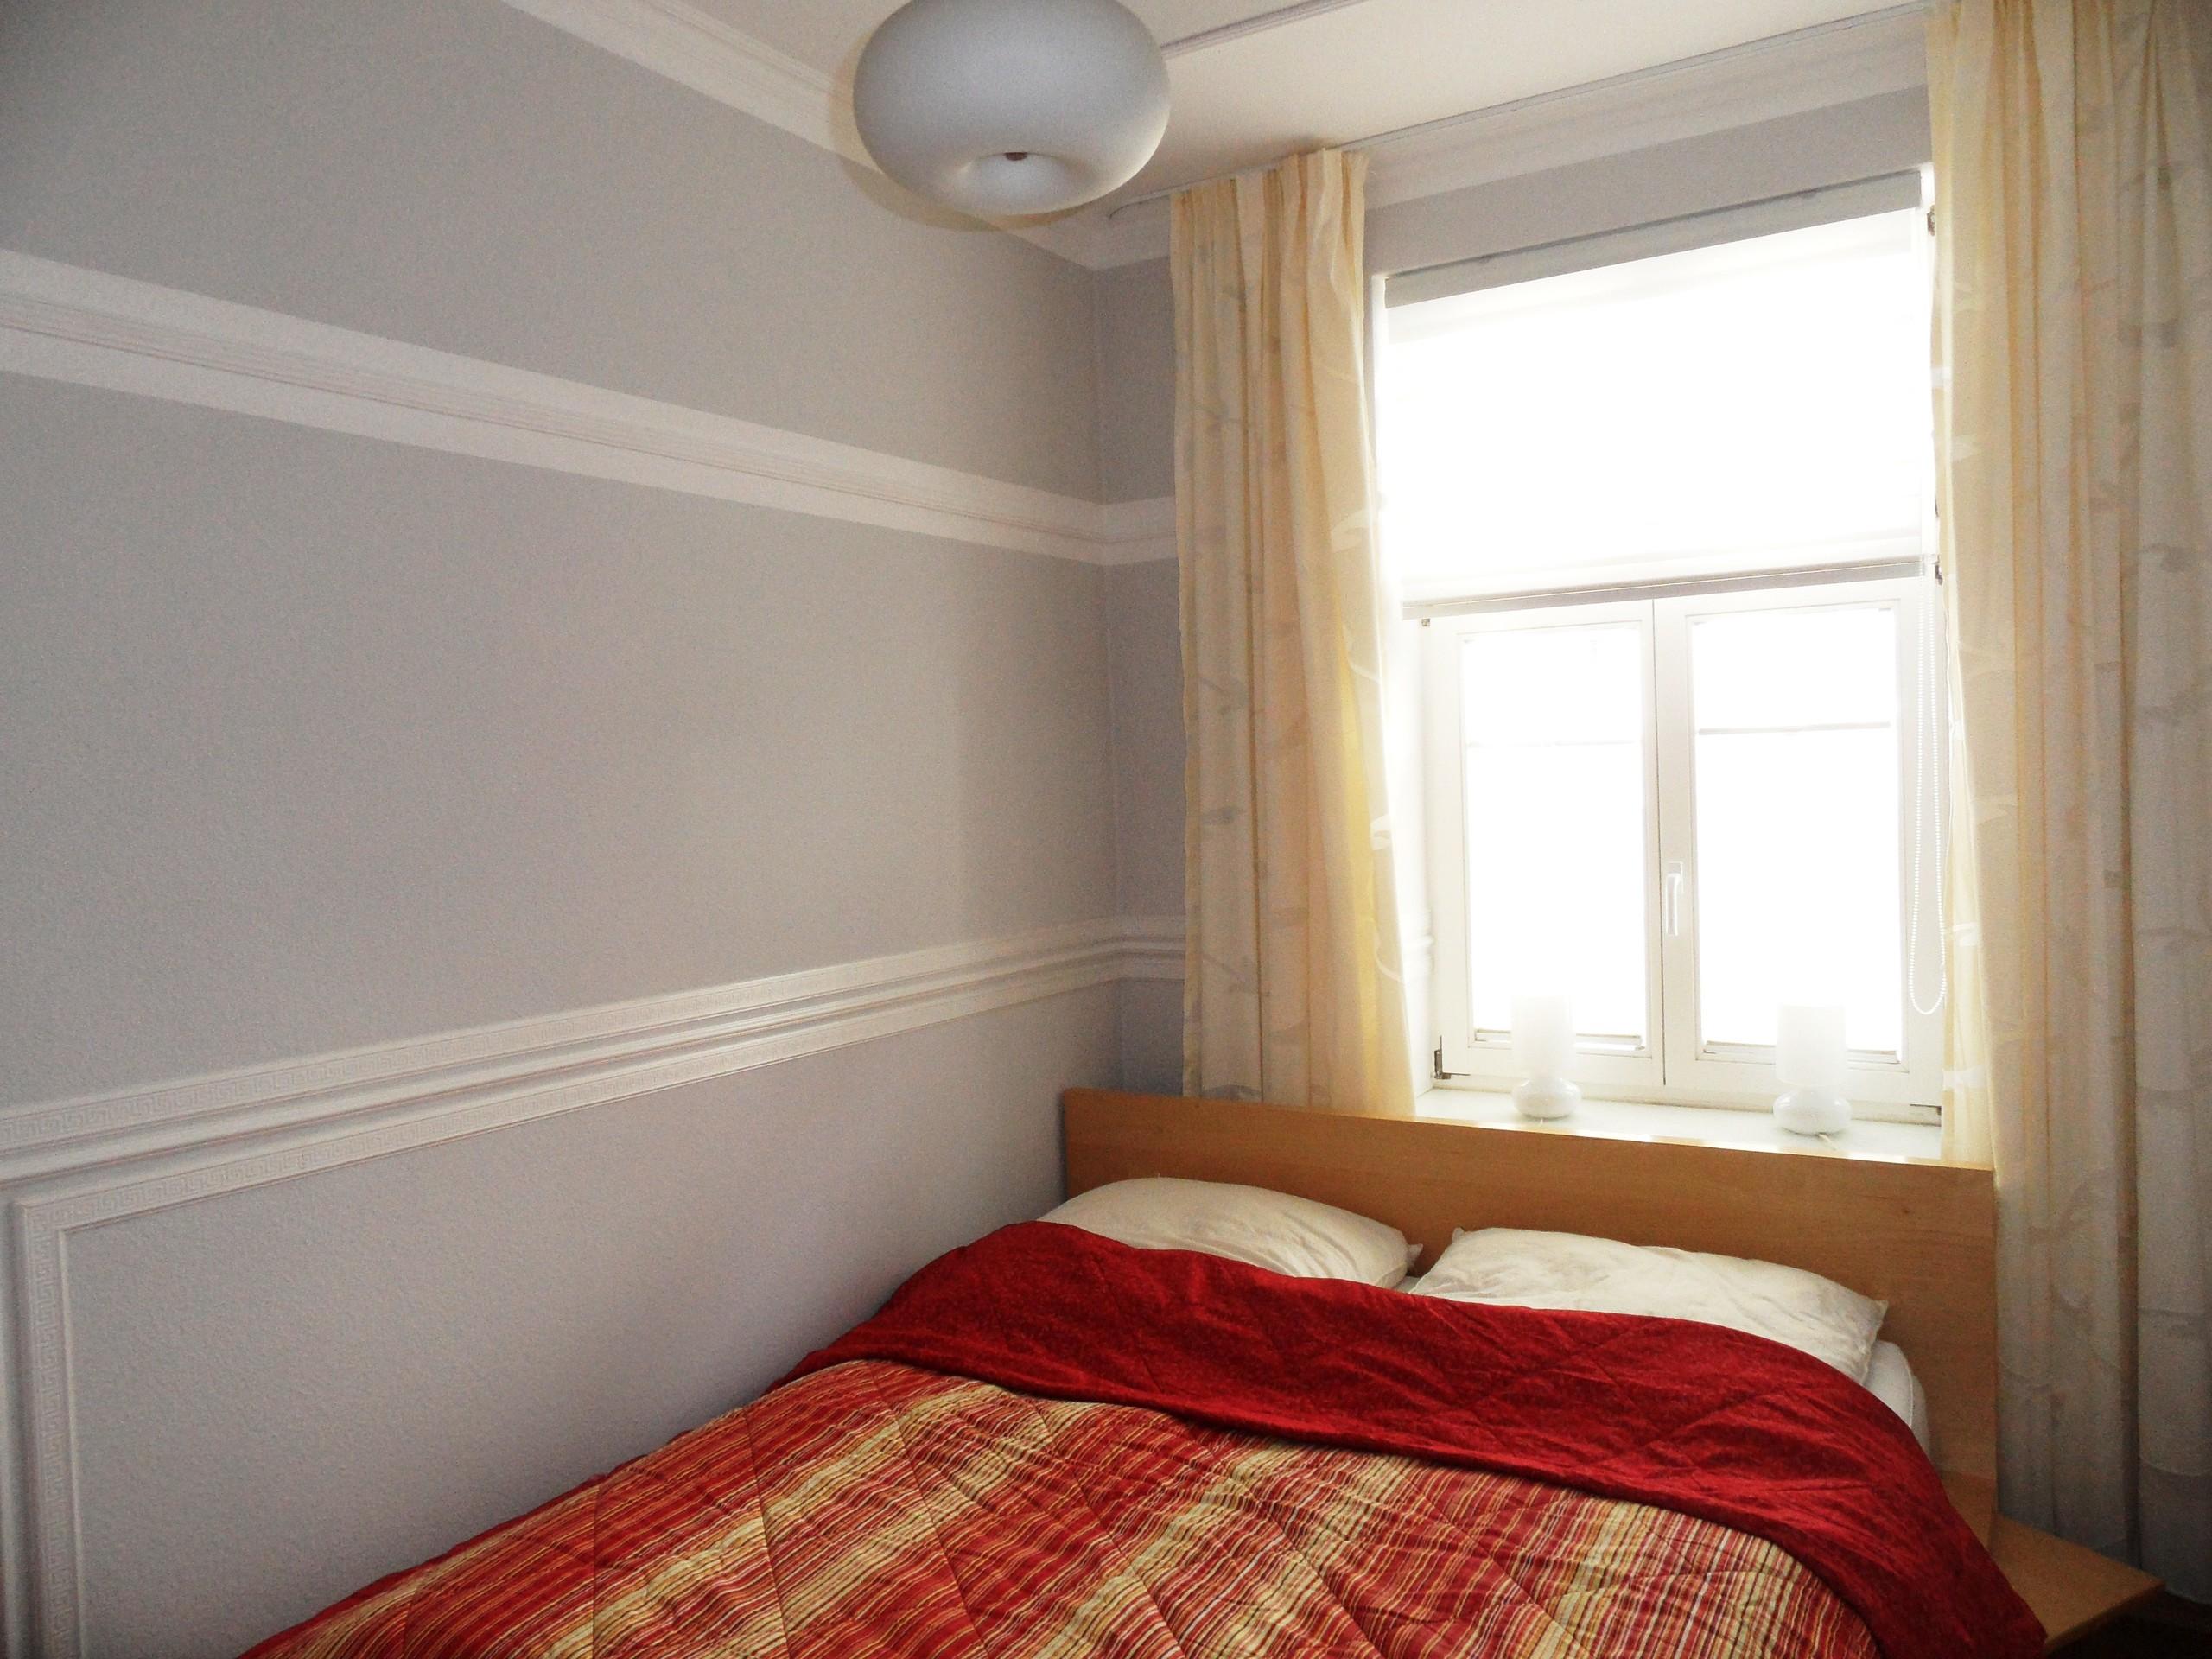 Schlafzimmer (Bett 160 x 200 cm)